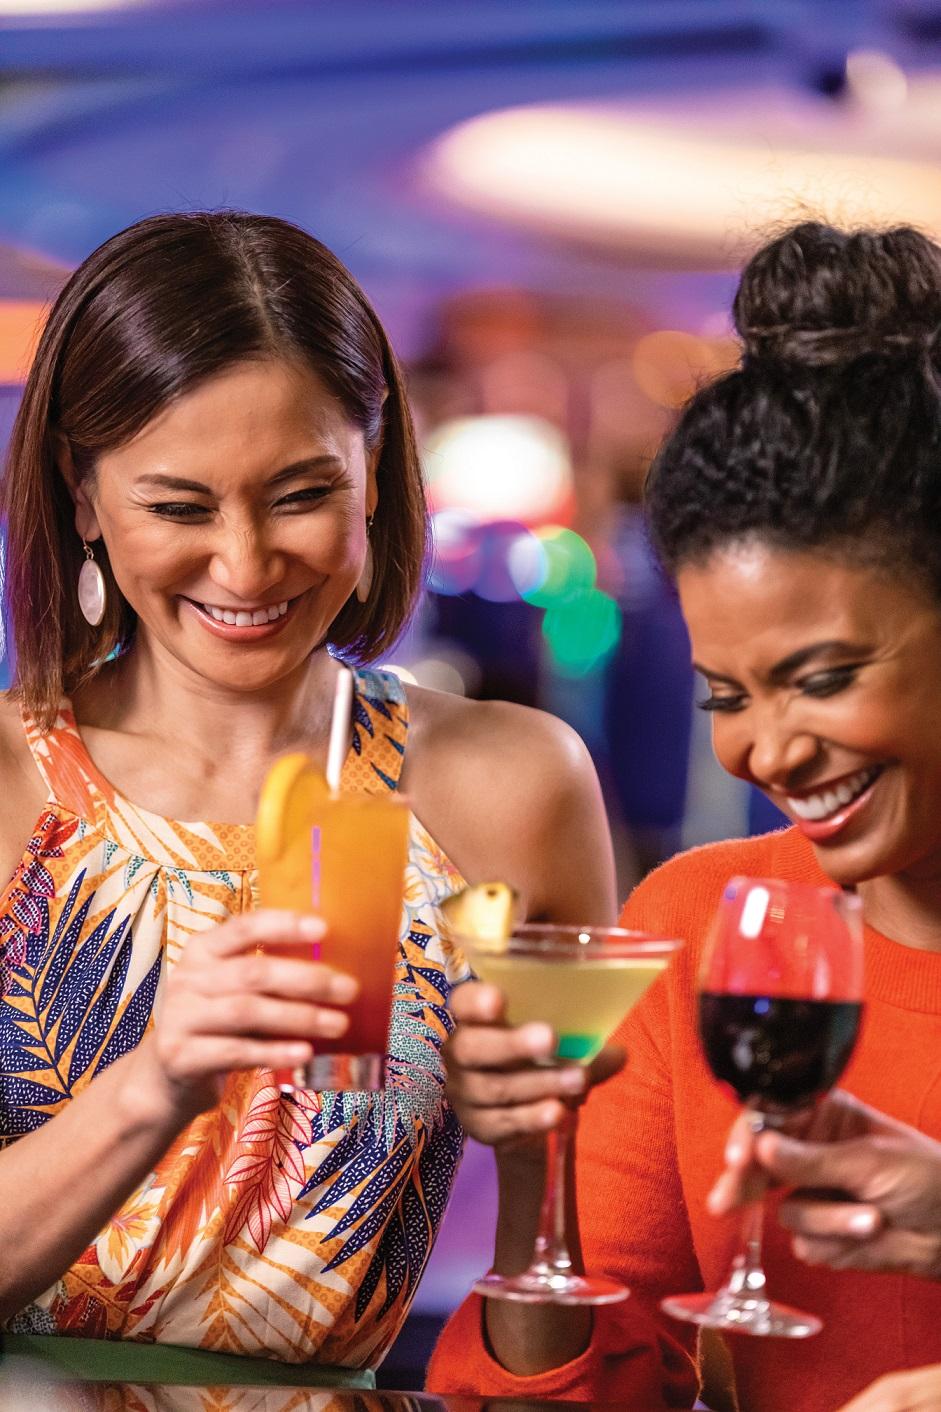 Två kvinnor njuter av drinkar i casinot ombord Navigator of the Seas